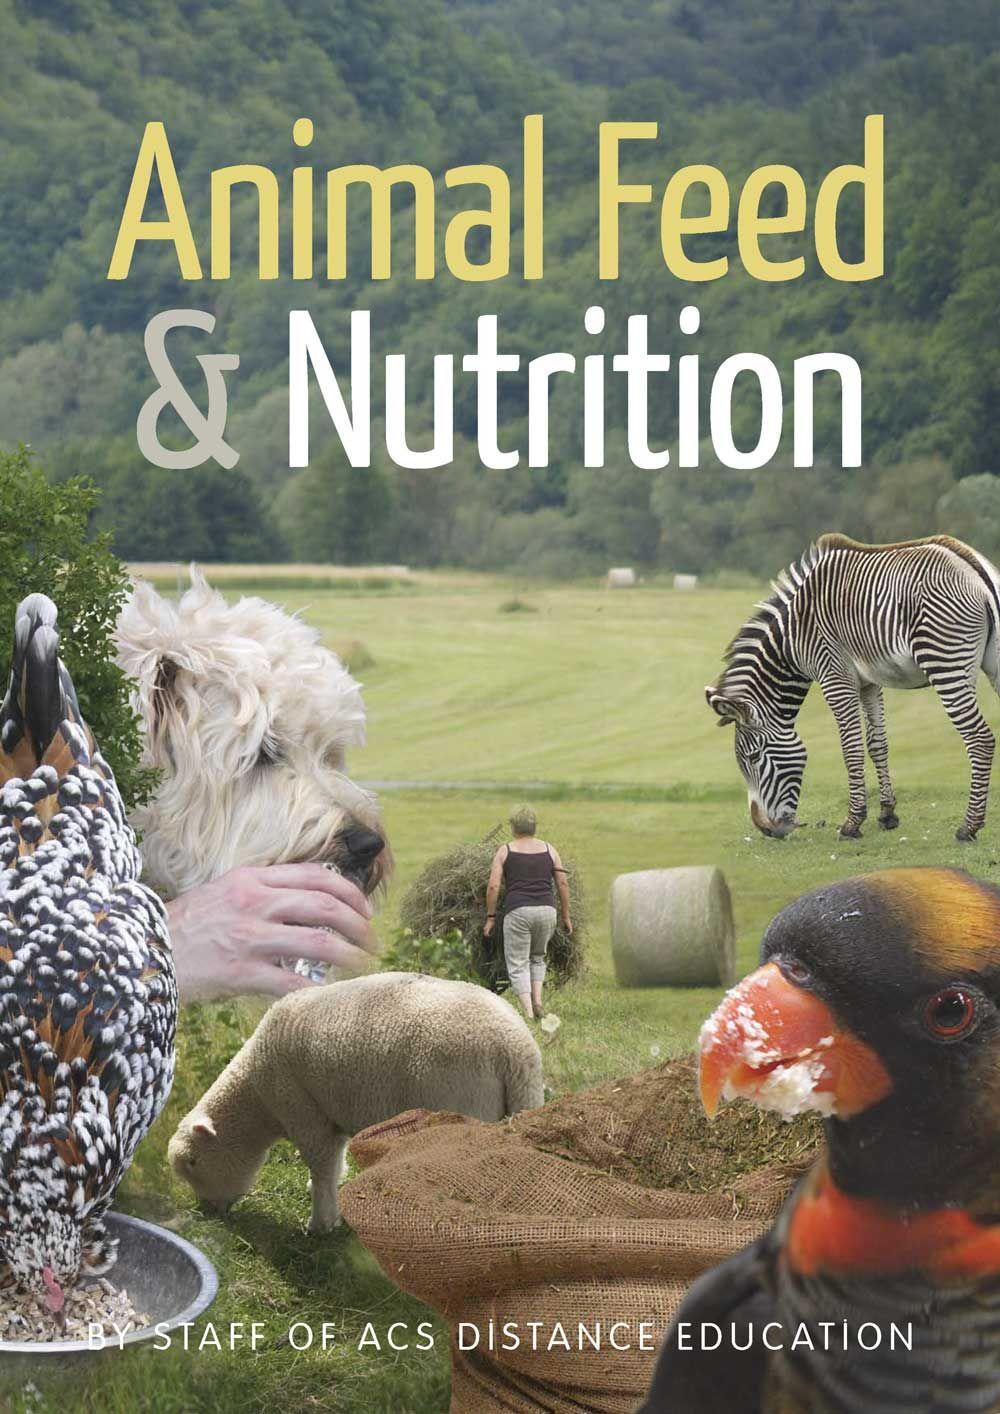 Animal Feed & Nutrition PDF ebook Nutrition pdf